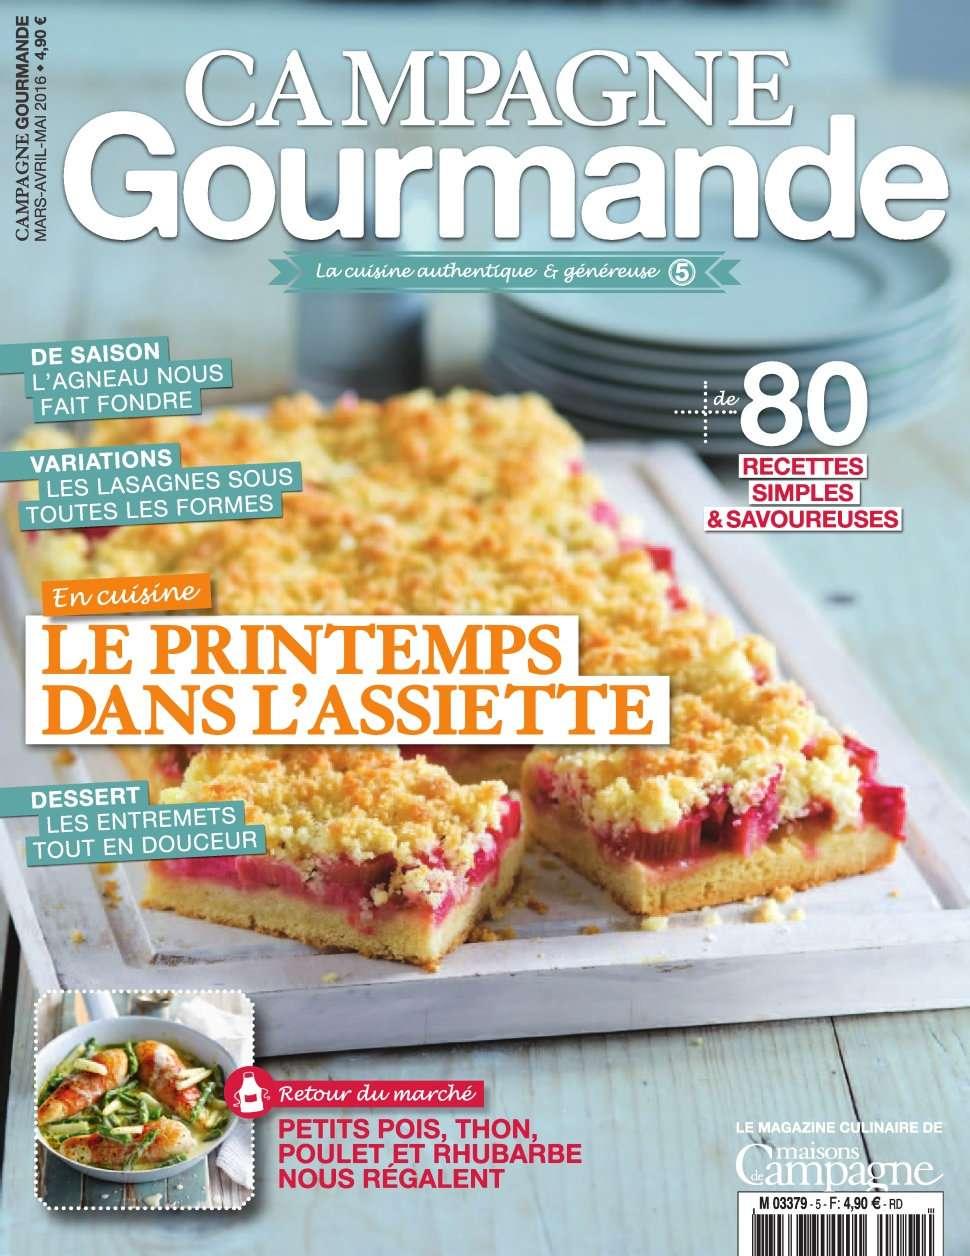 Campagne Gourmande 5 - Avril/Mai 2016